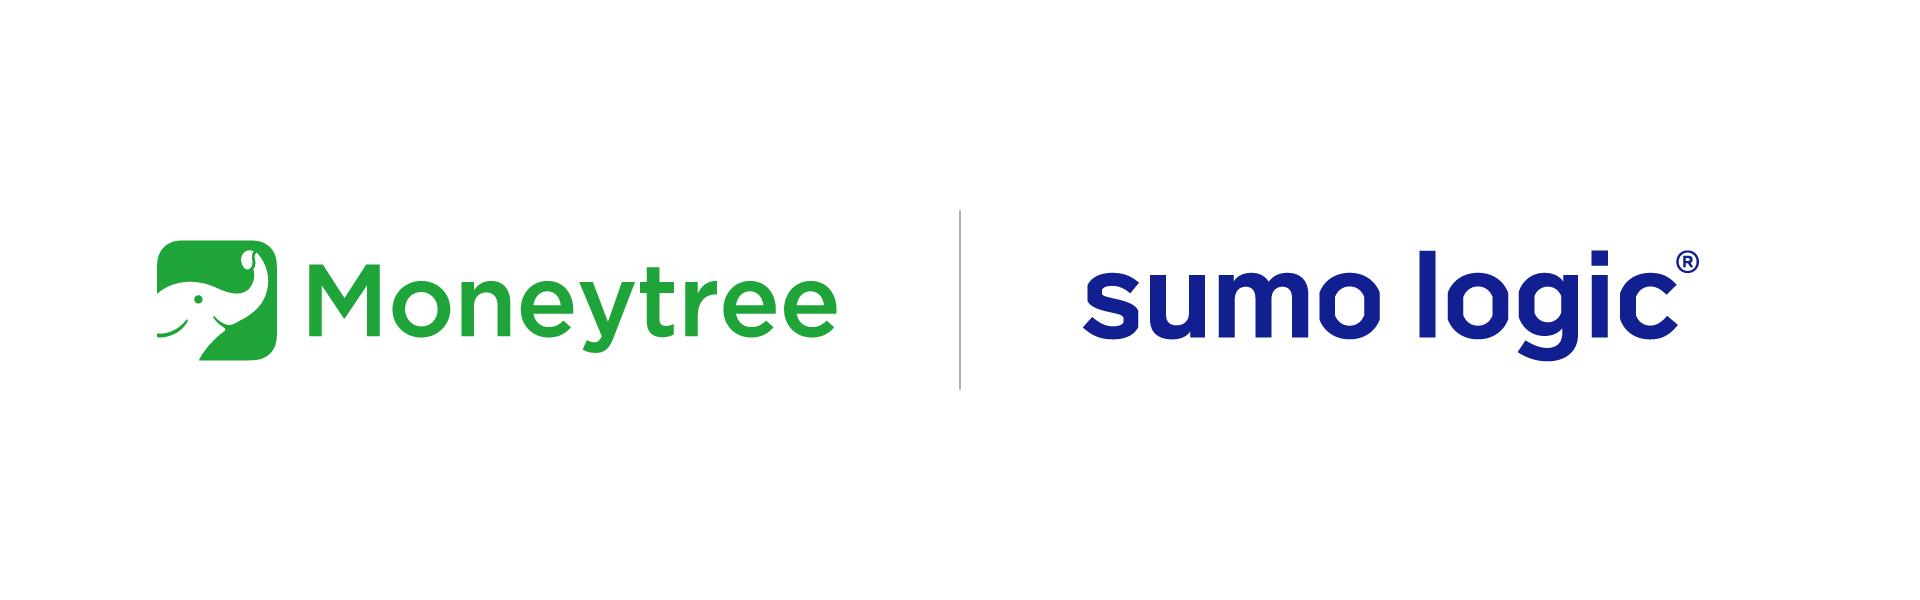 Sumo Logicジャパンとマネーツリー、金融機関のDevOpsクラウドモデルへのセキュアな移行を加速する ...